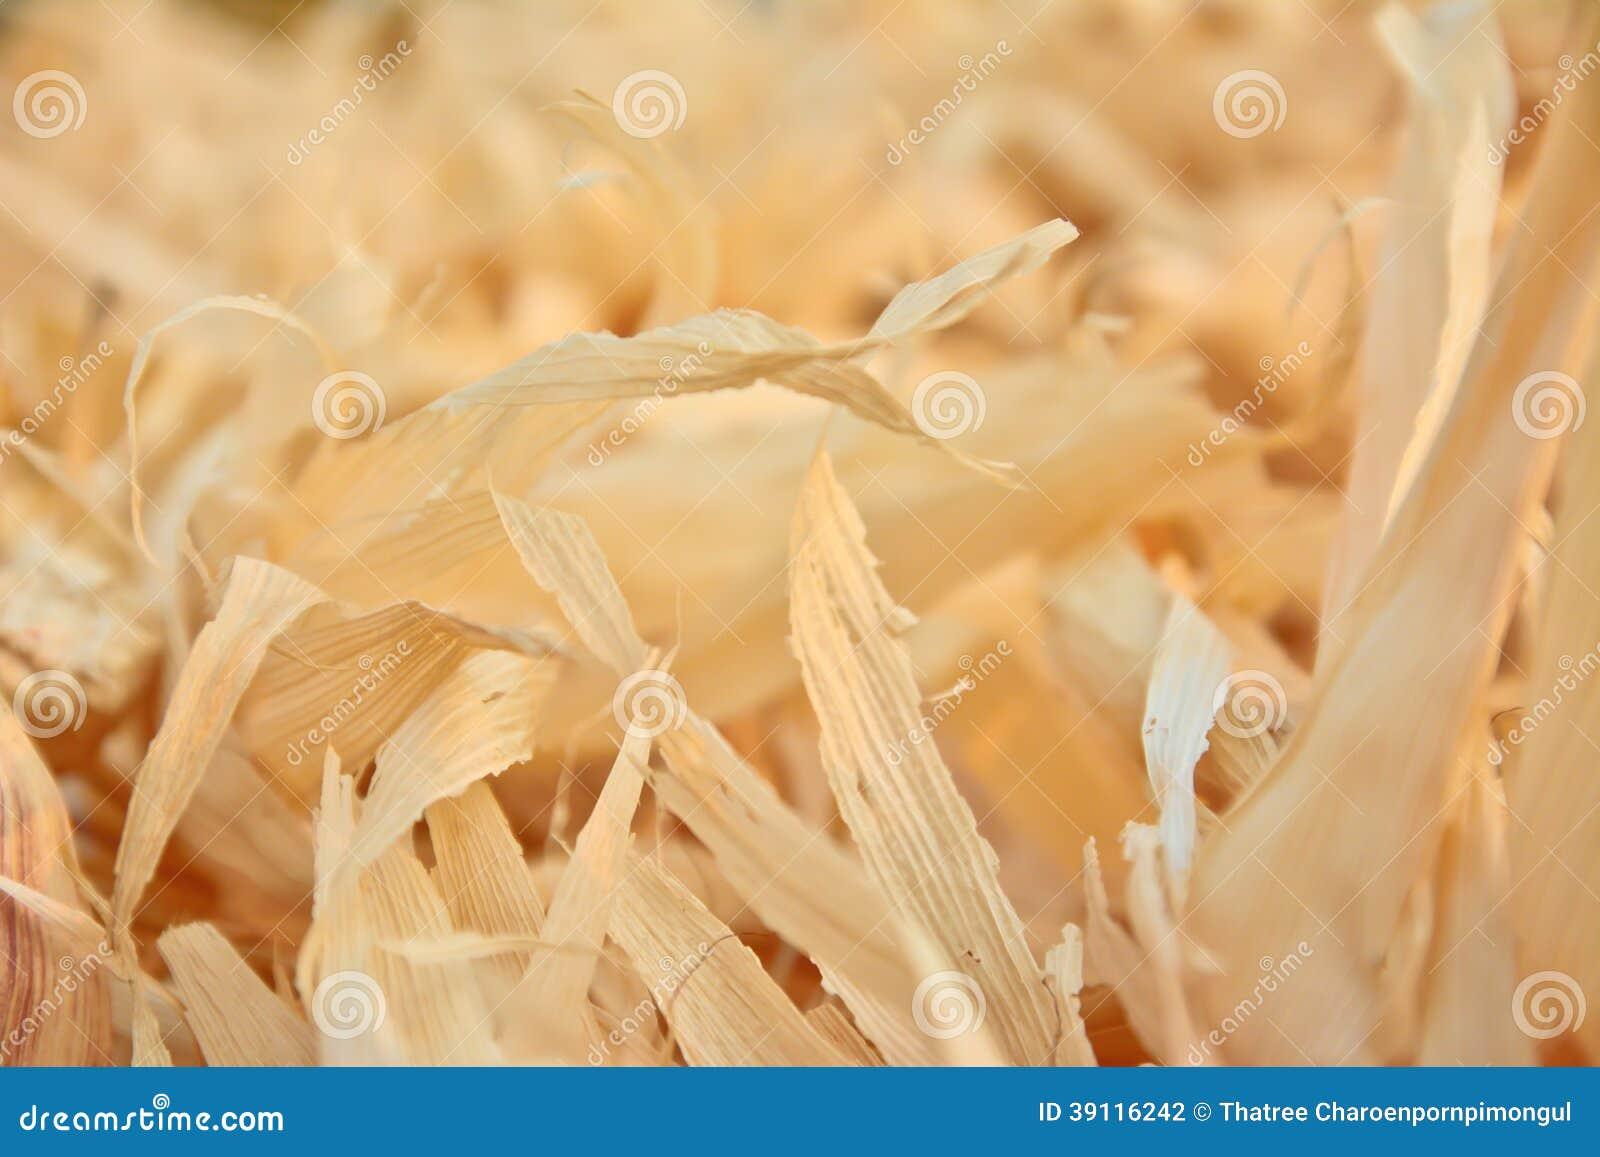 Droge graanbladeren; misschien voor achtergrond